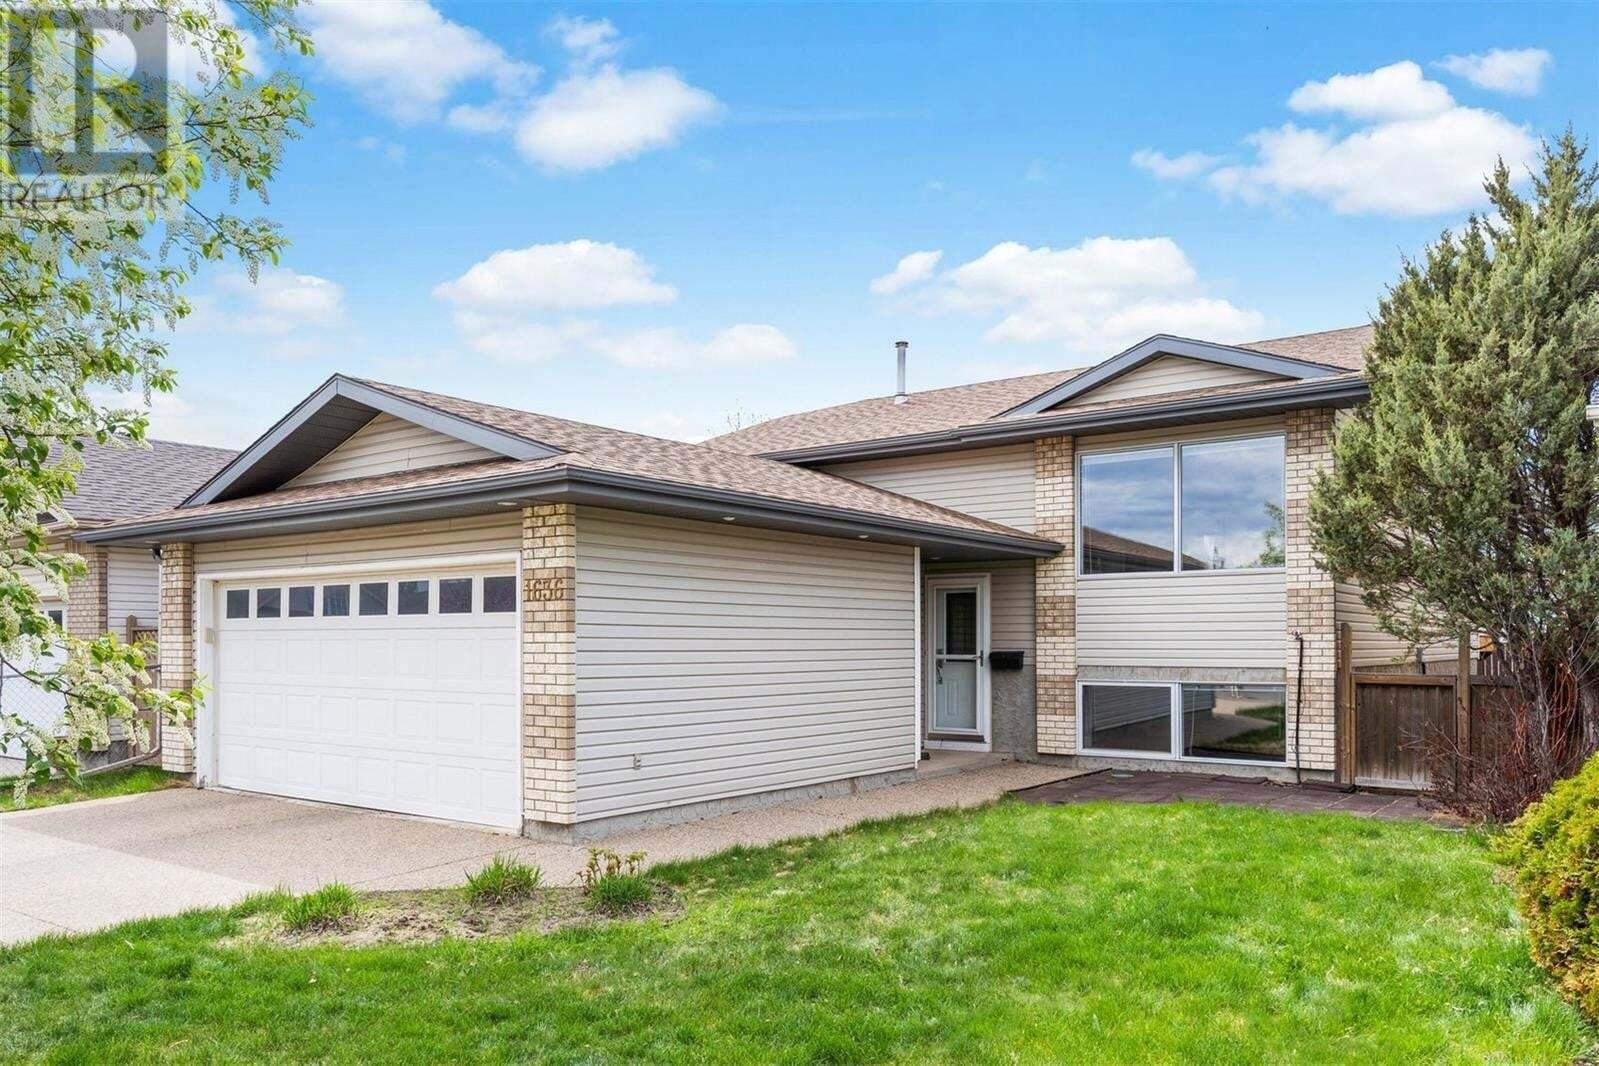 House for sale at 1636 Violet Cres Regina Saskatchewan - MLS: SK809878